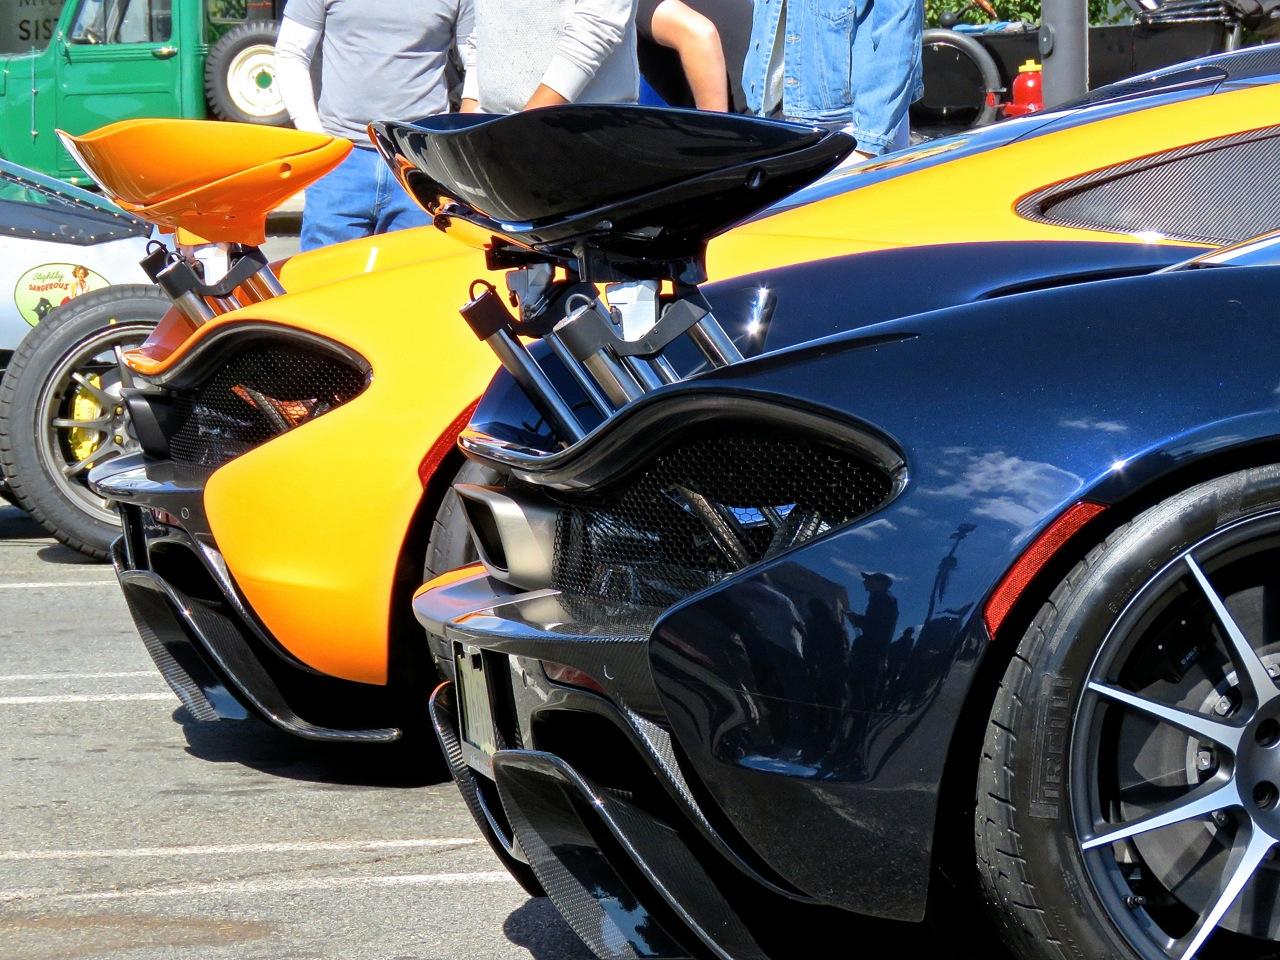 McLaren P1s at Garden State Plaza